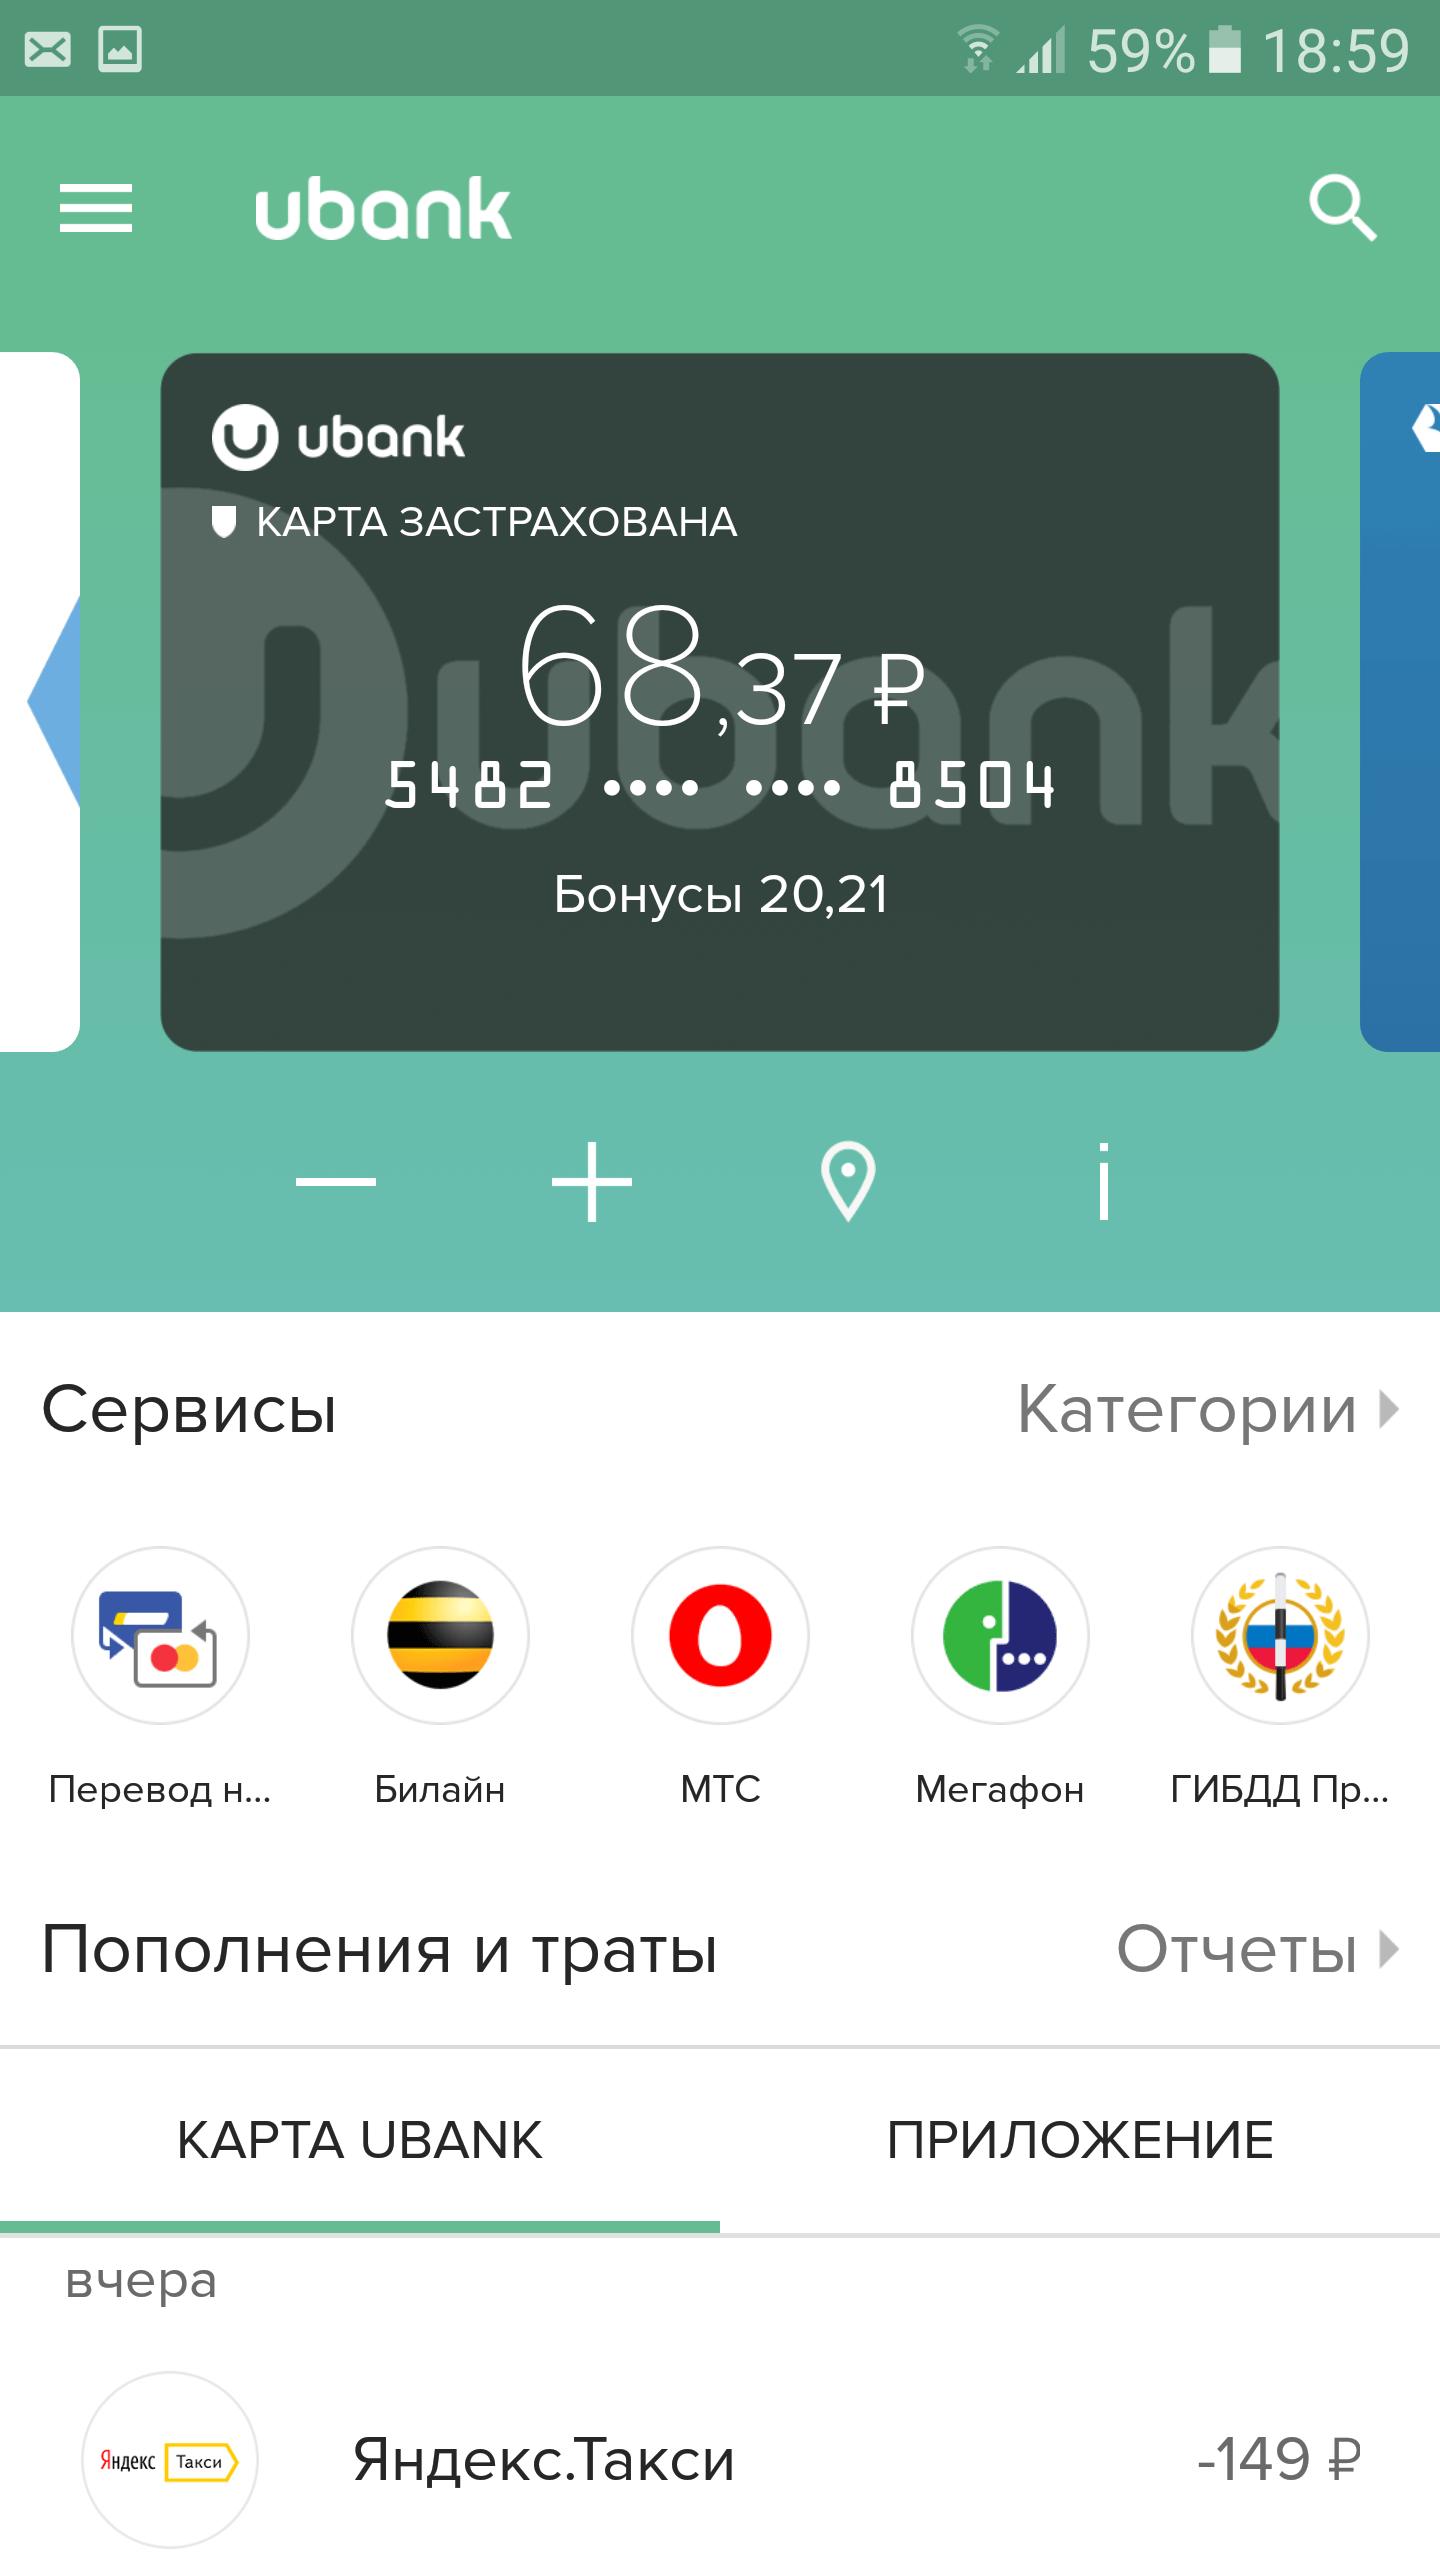 Ubank